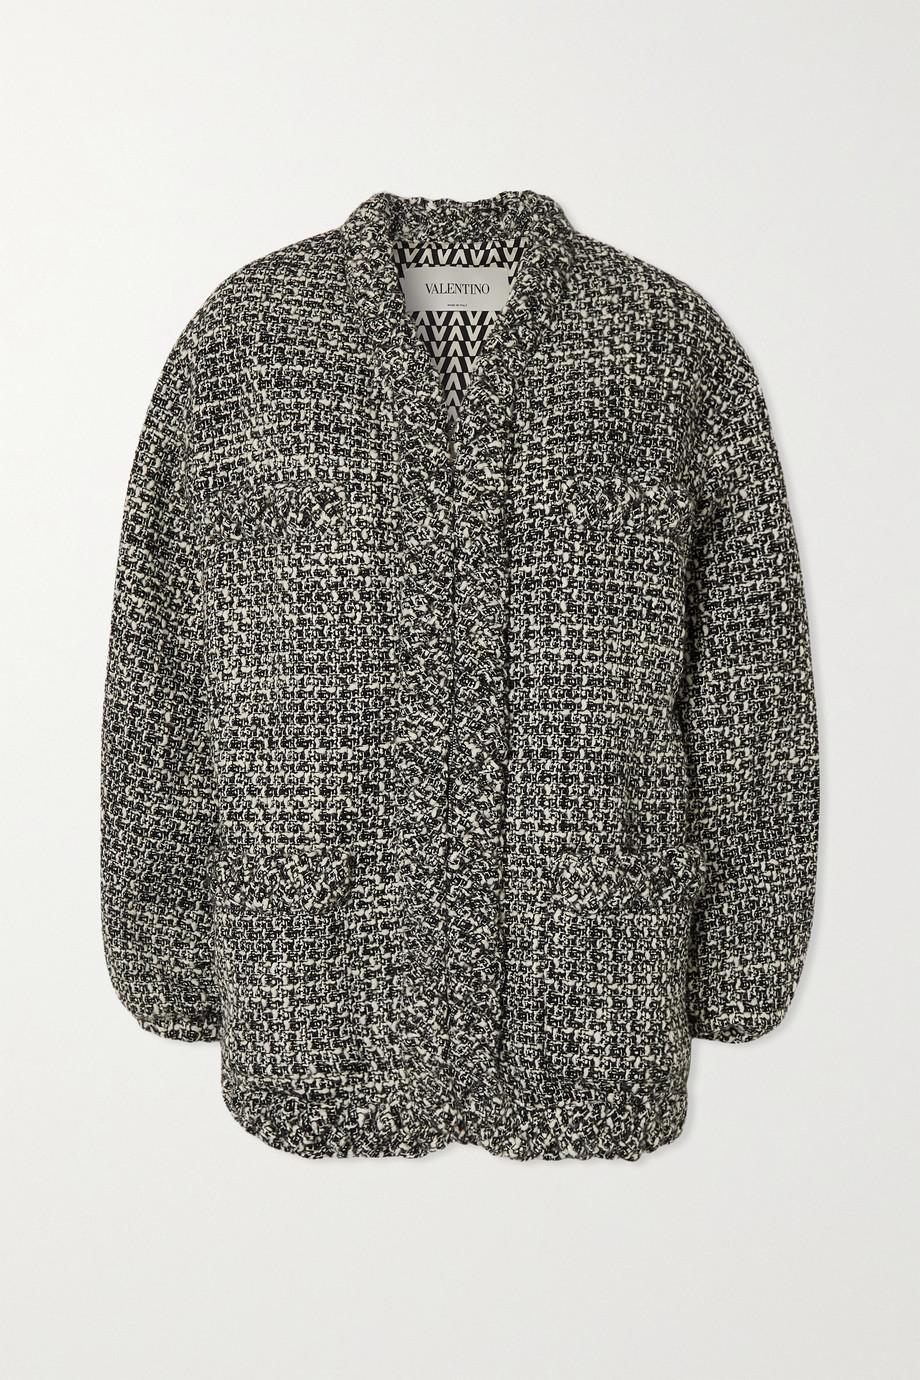 Valentino Tweed-Jacke aus einer Wollmischung